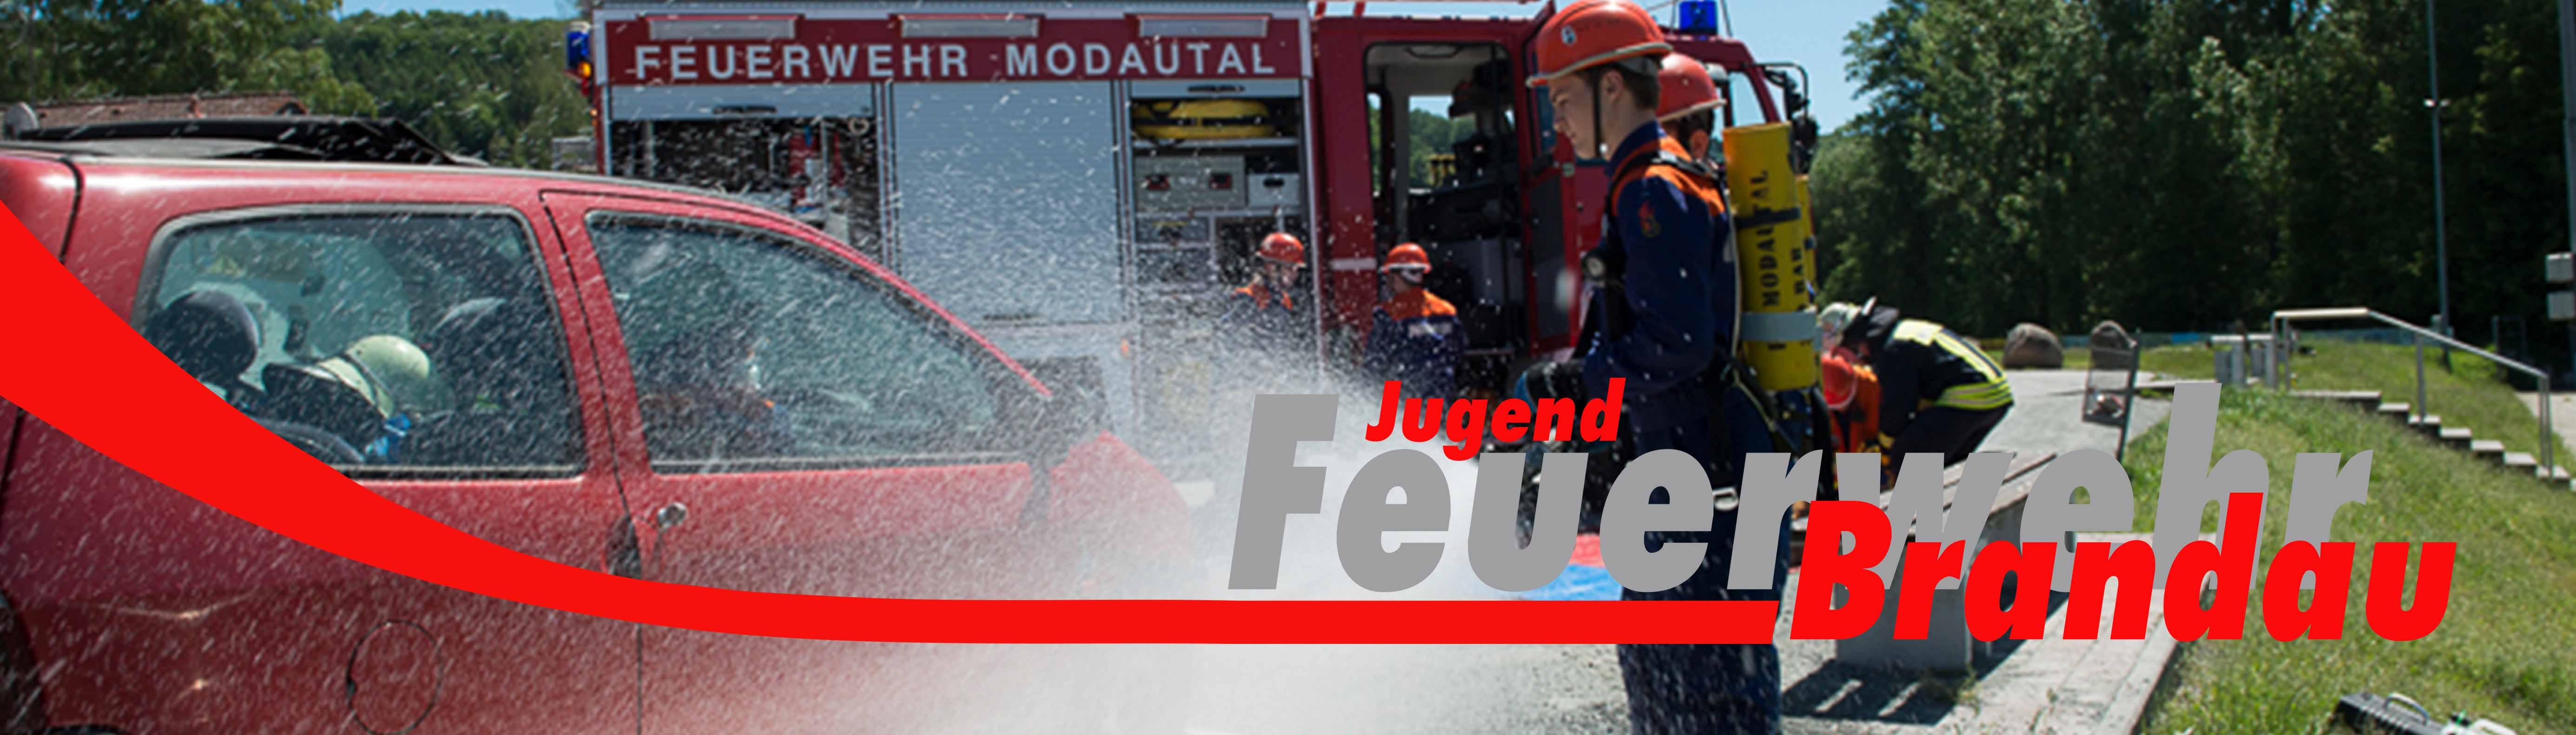 Slider2 JF 2